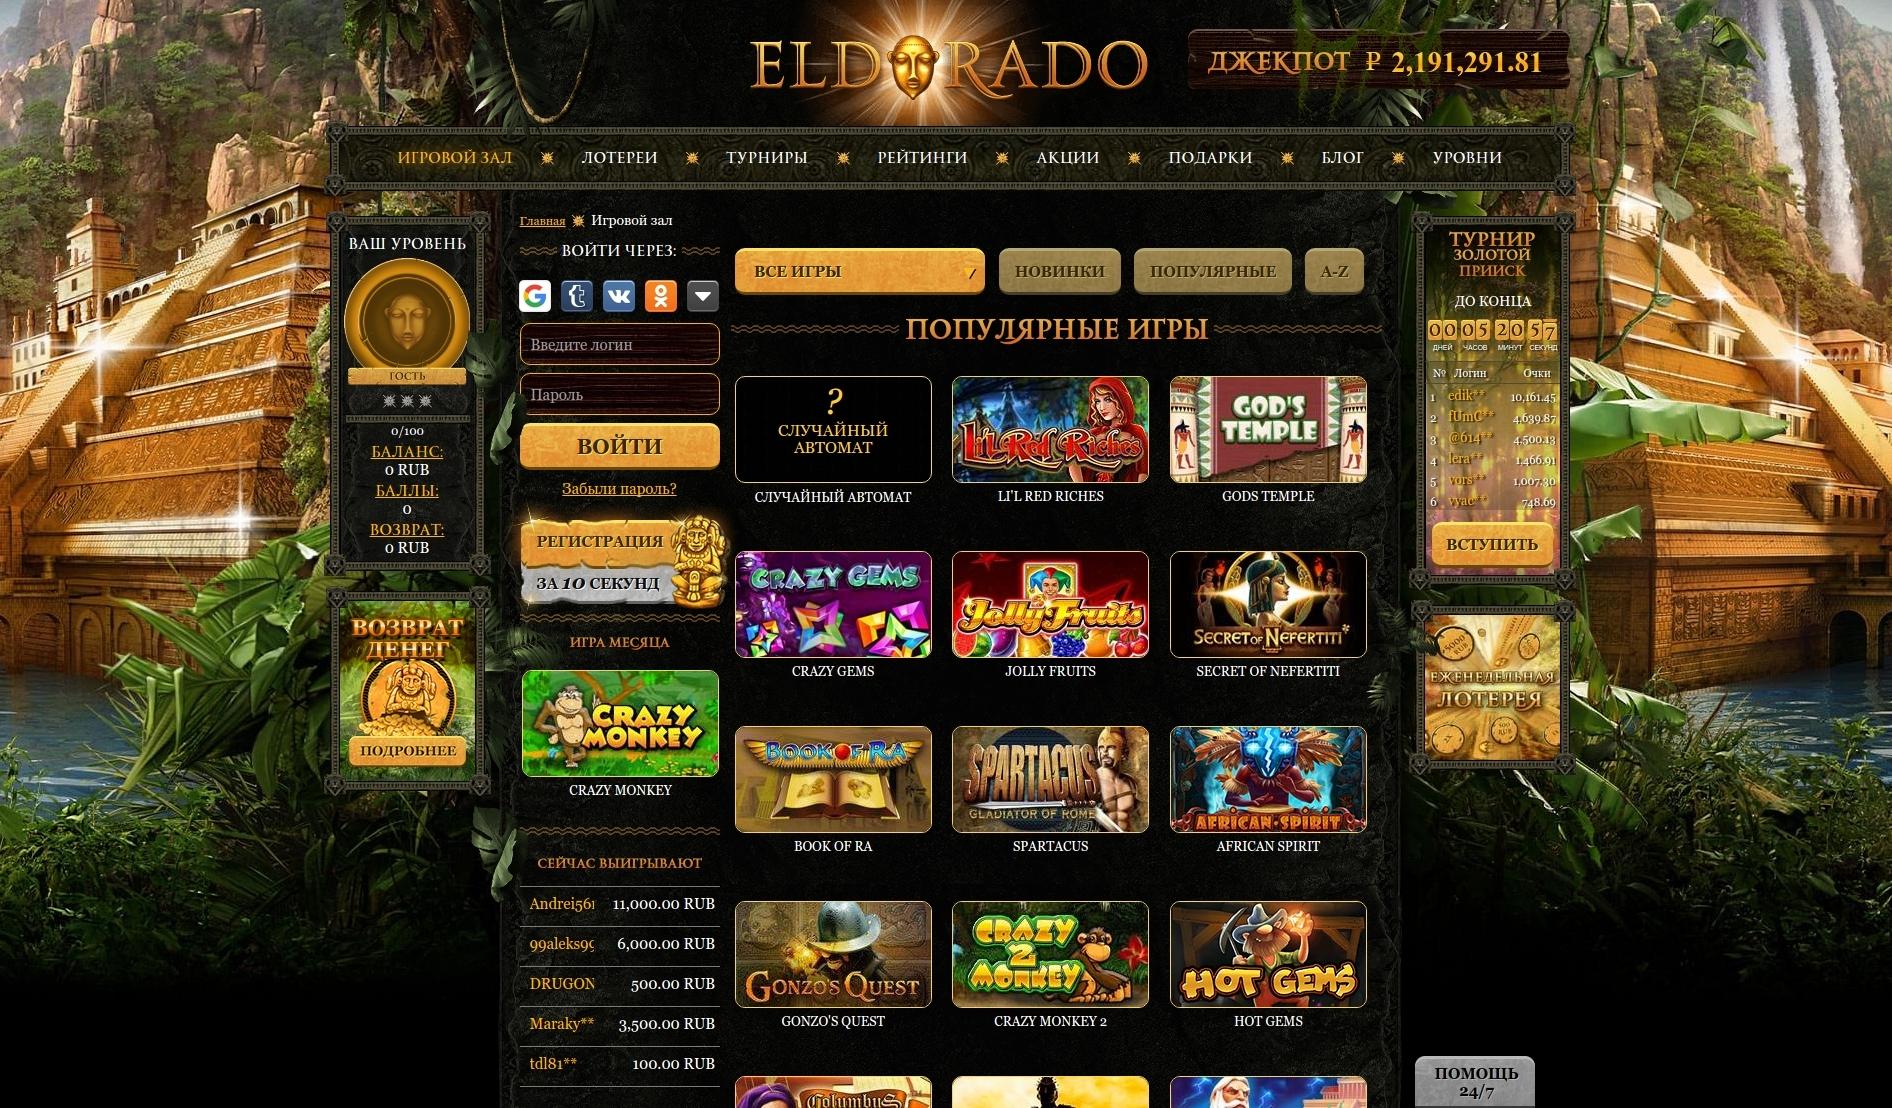 Игровые автоматы онлайн бесплатно777